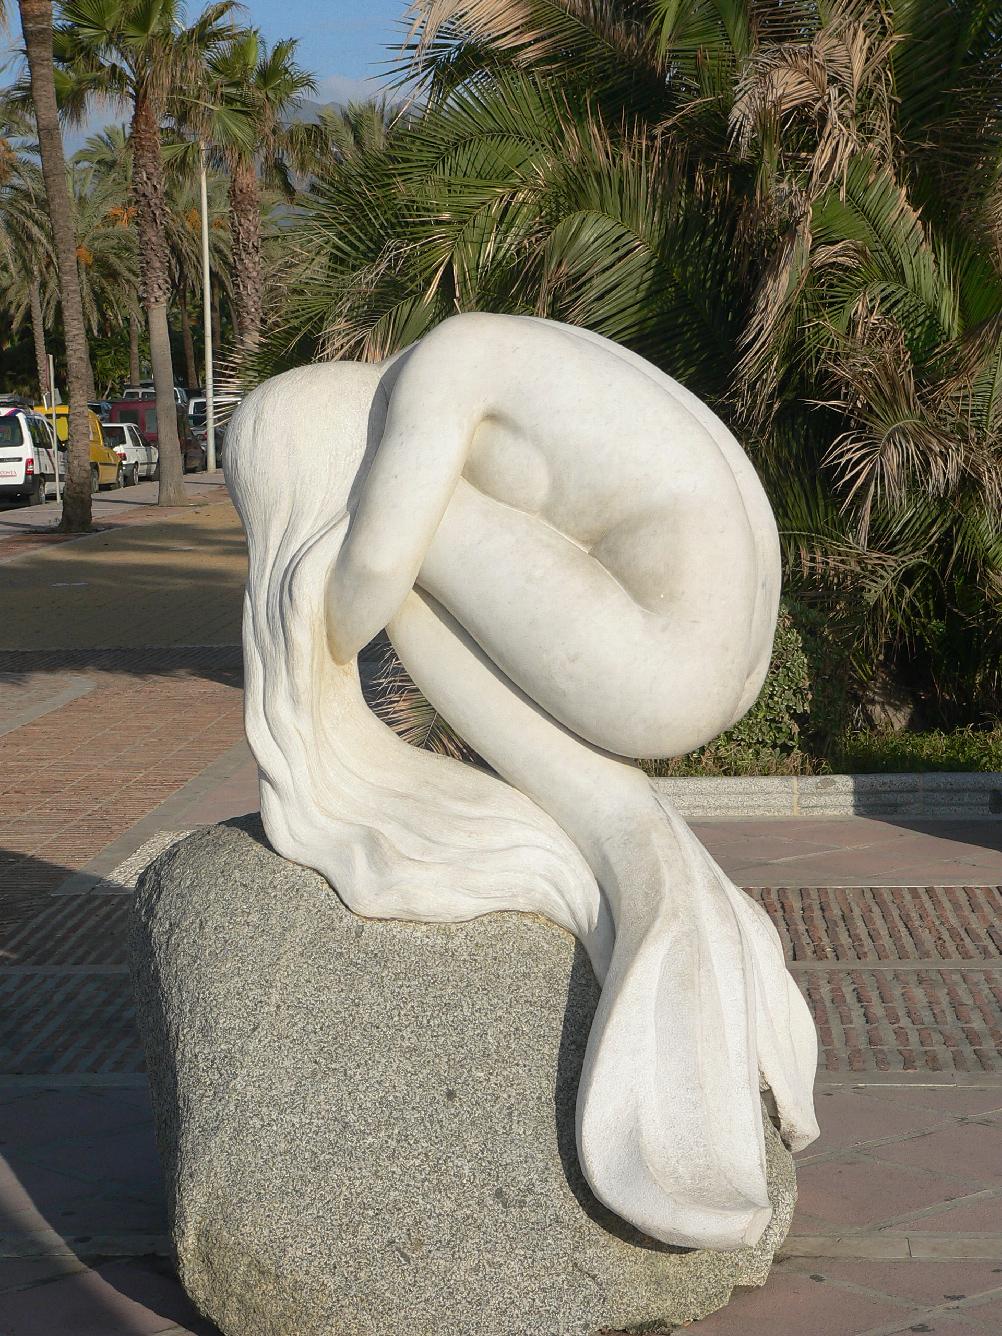 Mermaid sculpture in Puerto Banus, Marbella, Spain